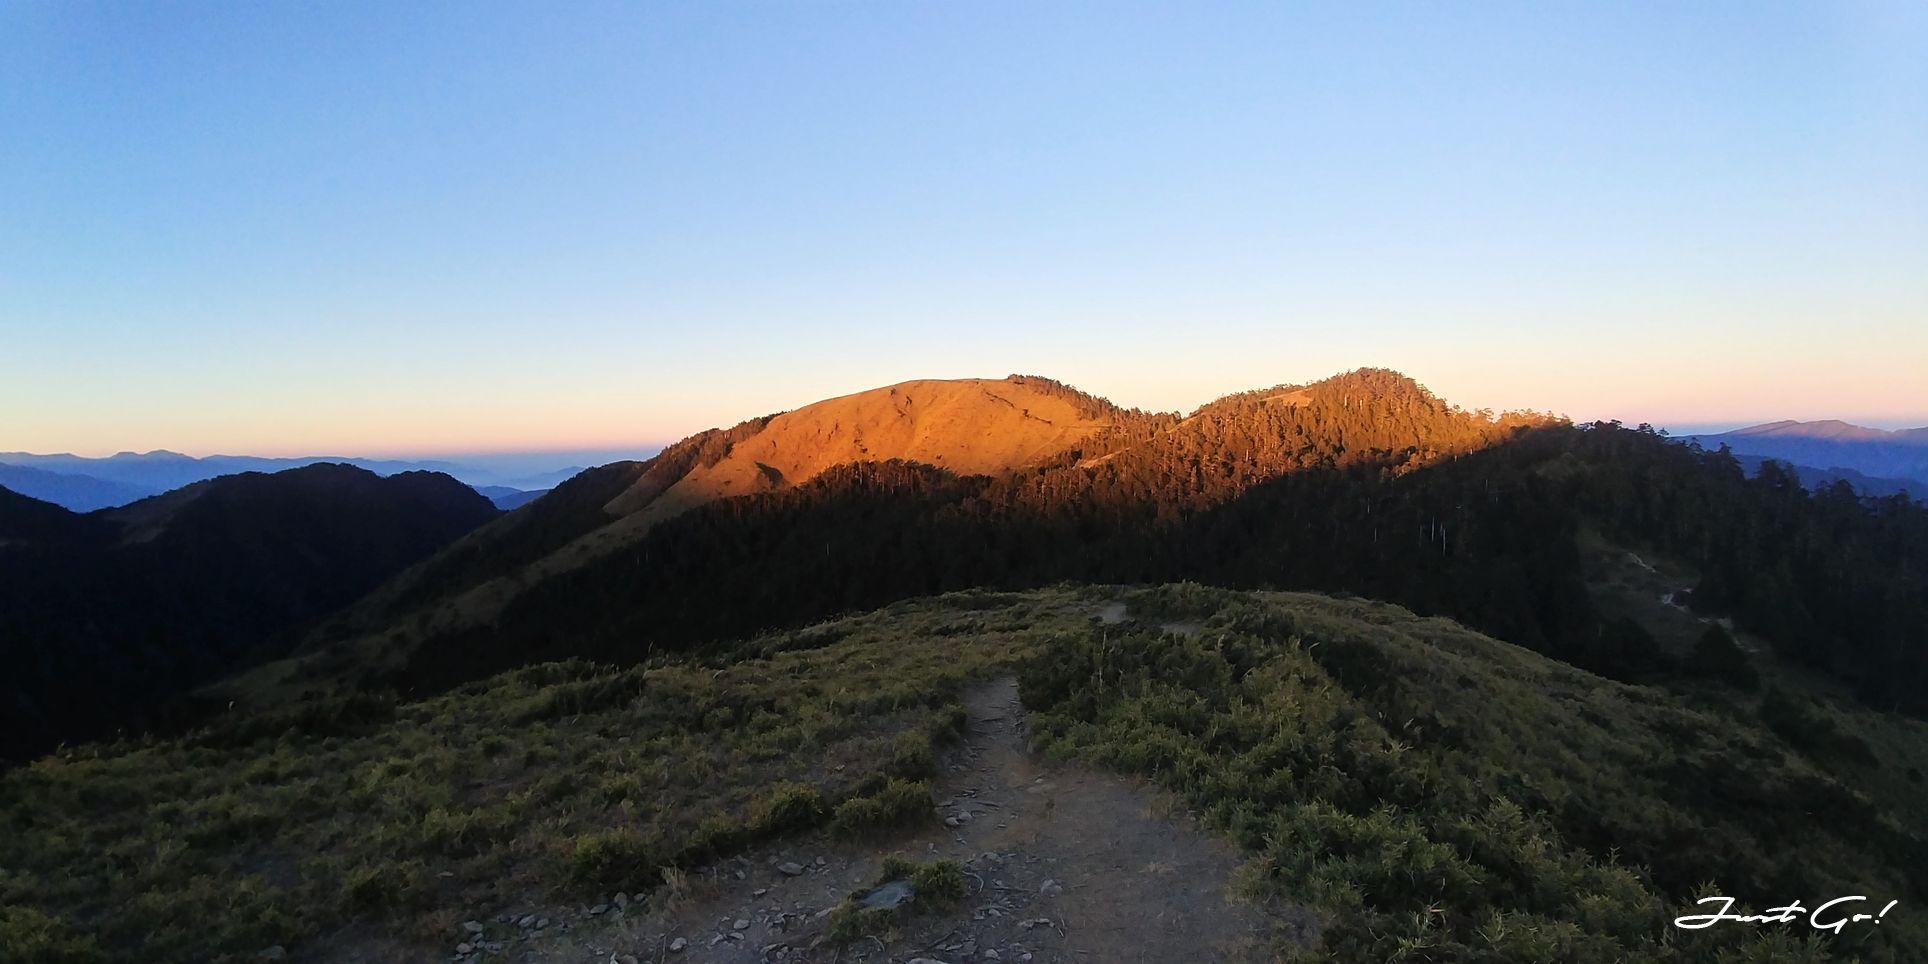 一日百岳·9小時單攻合歡西峰北峰-地圖gpx、行程規劃、申請、登山口5